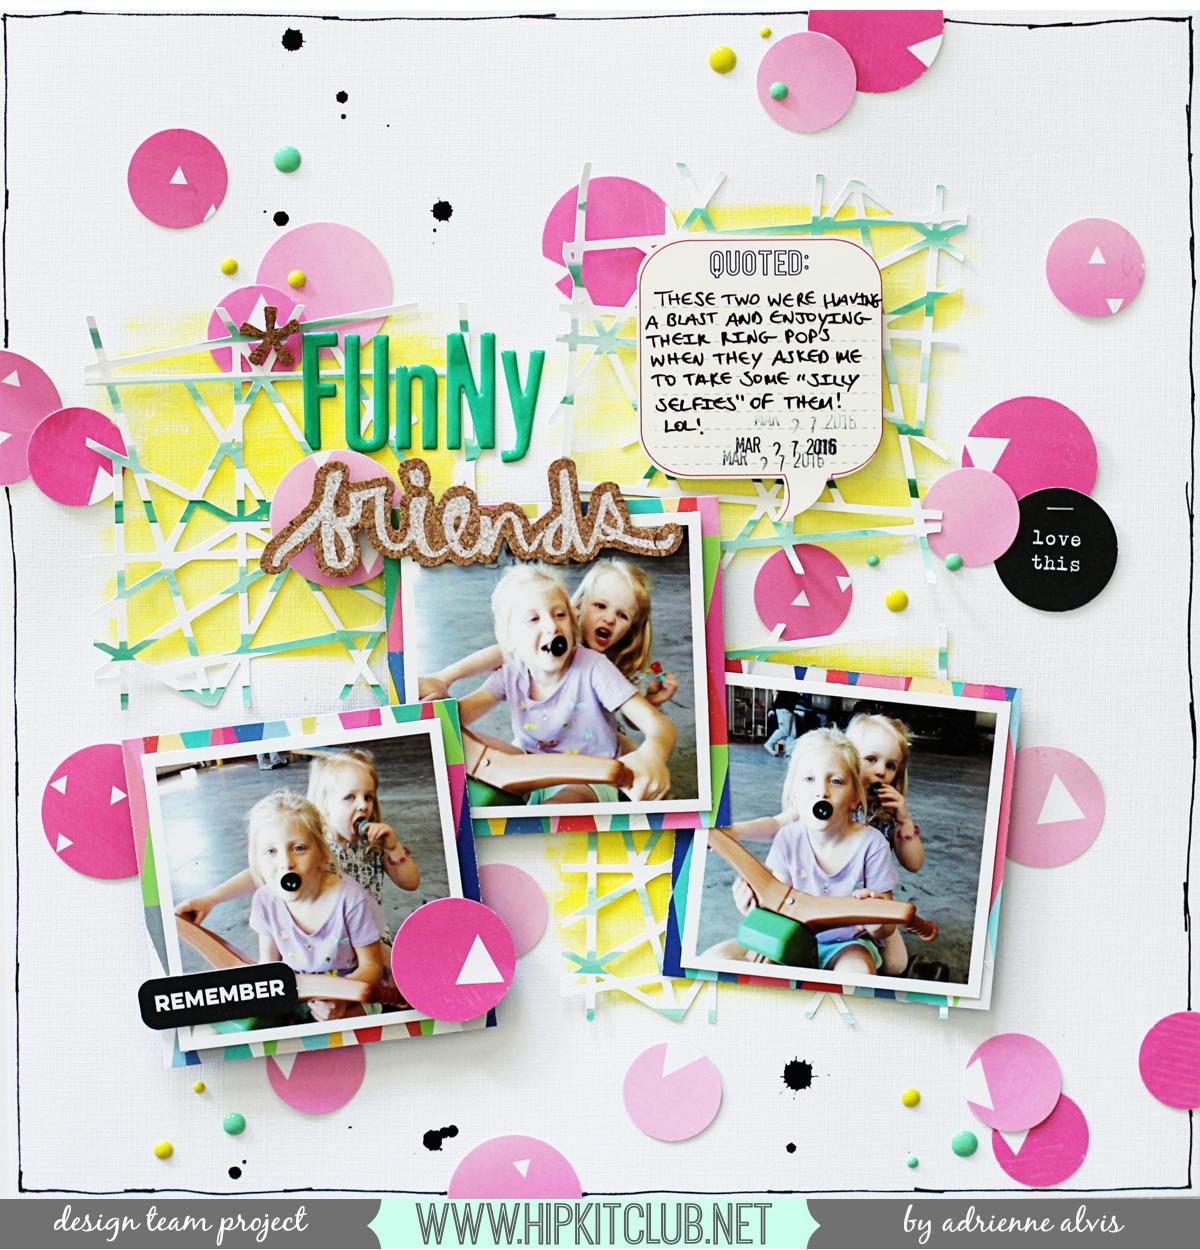 funnyfriends1